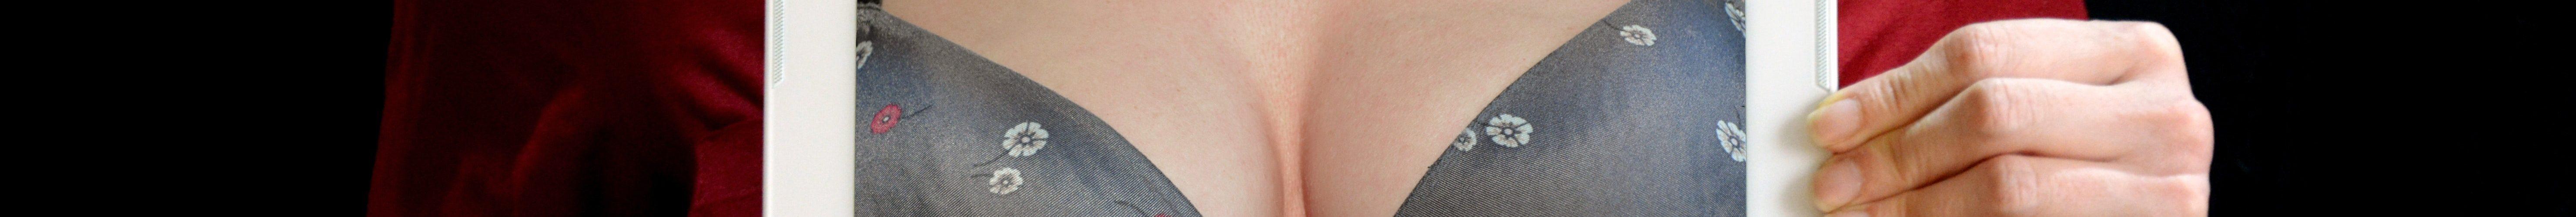 Which Bra Do I Wear Under This Top